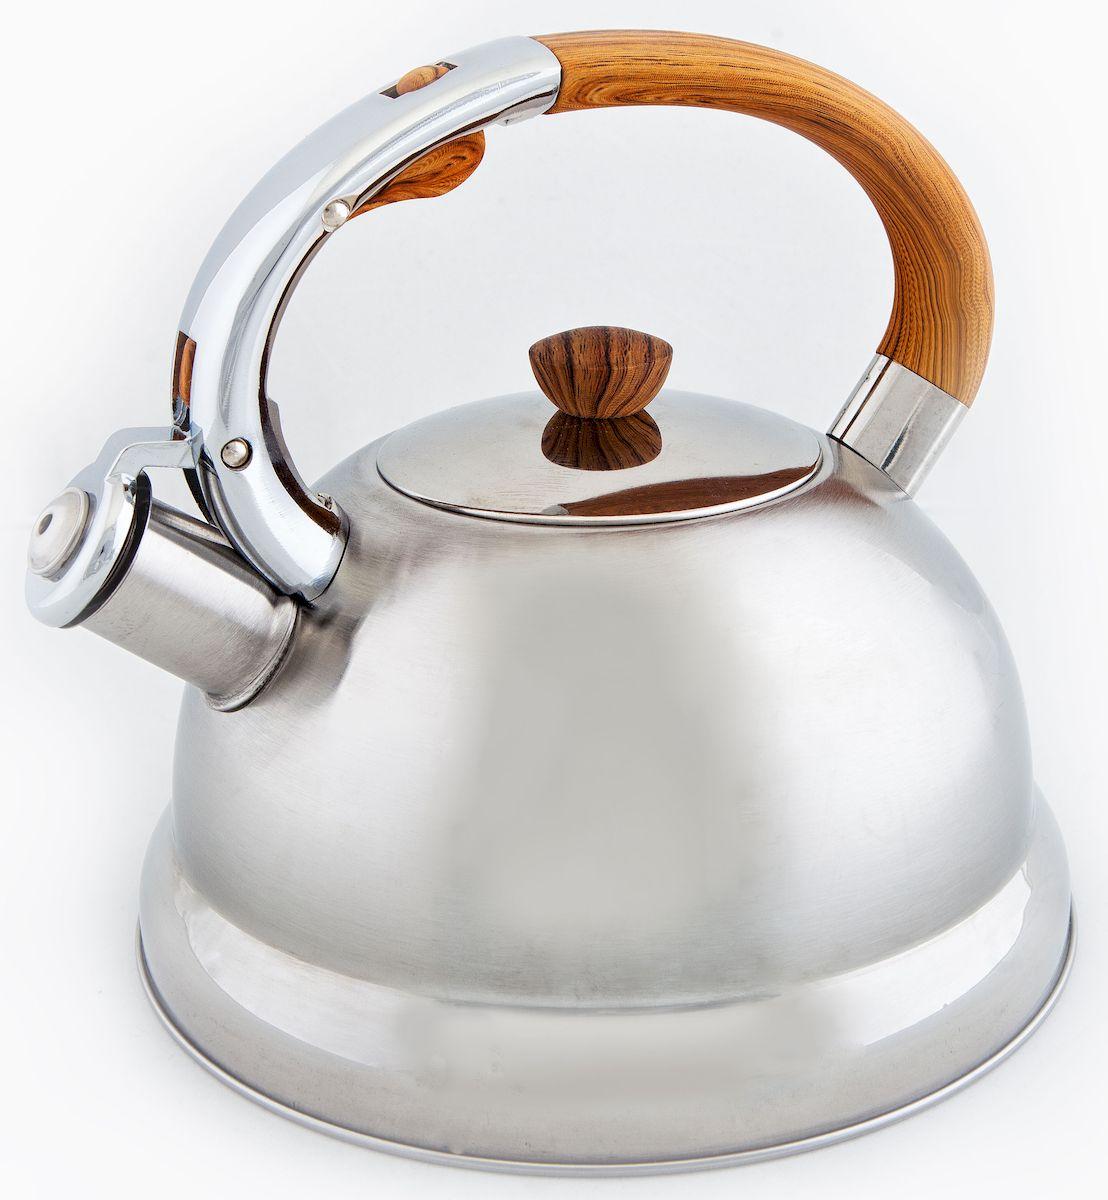 Чайник Hoffmann, со свистком, 3 л. НМ 5516391602Чайник Hoffmann выполнен из высококачественной нержавеющей стали, что делает его весьма гигиеничным и устойчивым к износу при длительном использовании. Носик чайника оснащен насадкой-свистком, что позволит вам контролировать процесс подогрева или кипячения воды. Фиксированная ручка, изготовленная из пластика, оснащена механизмом открывания носика. Эстетичный и функциональный чайник будет оригинально смотреться в любом интерьере.